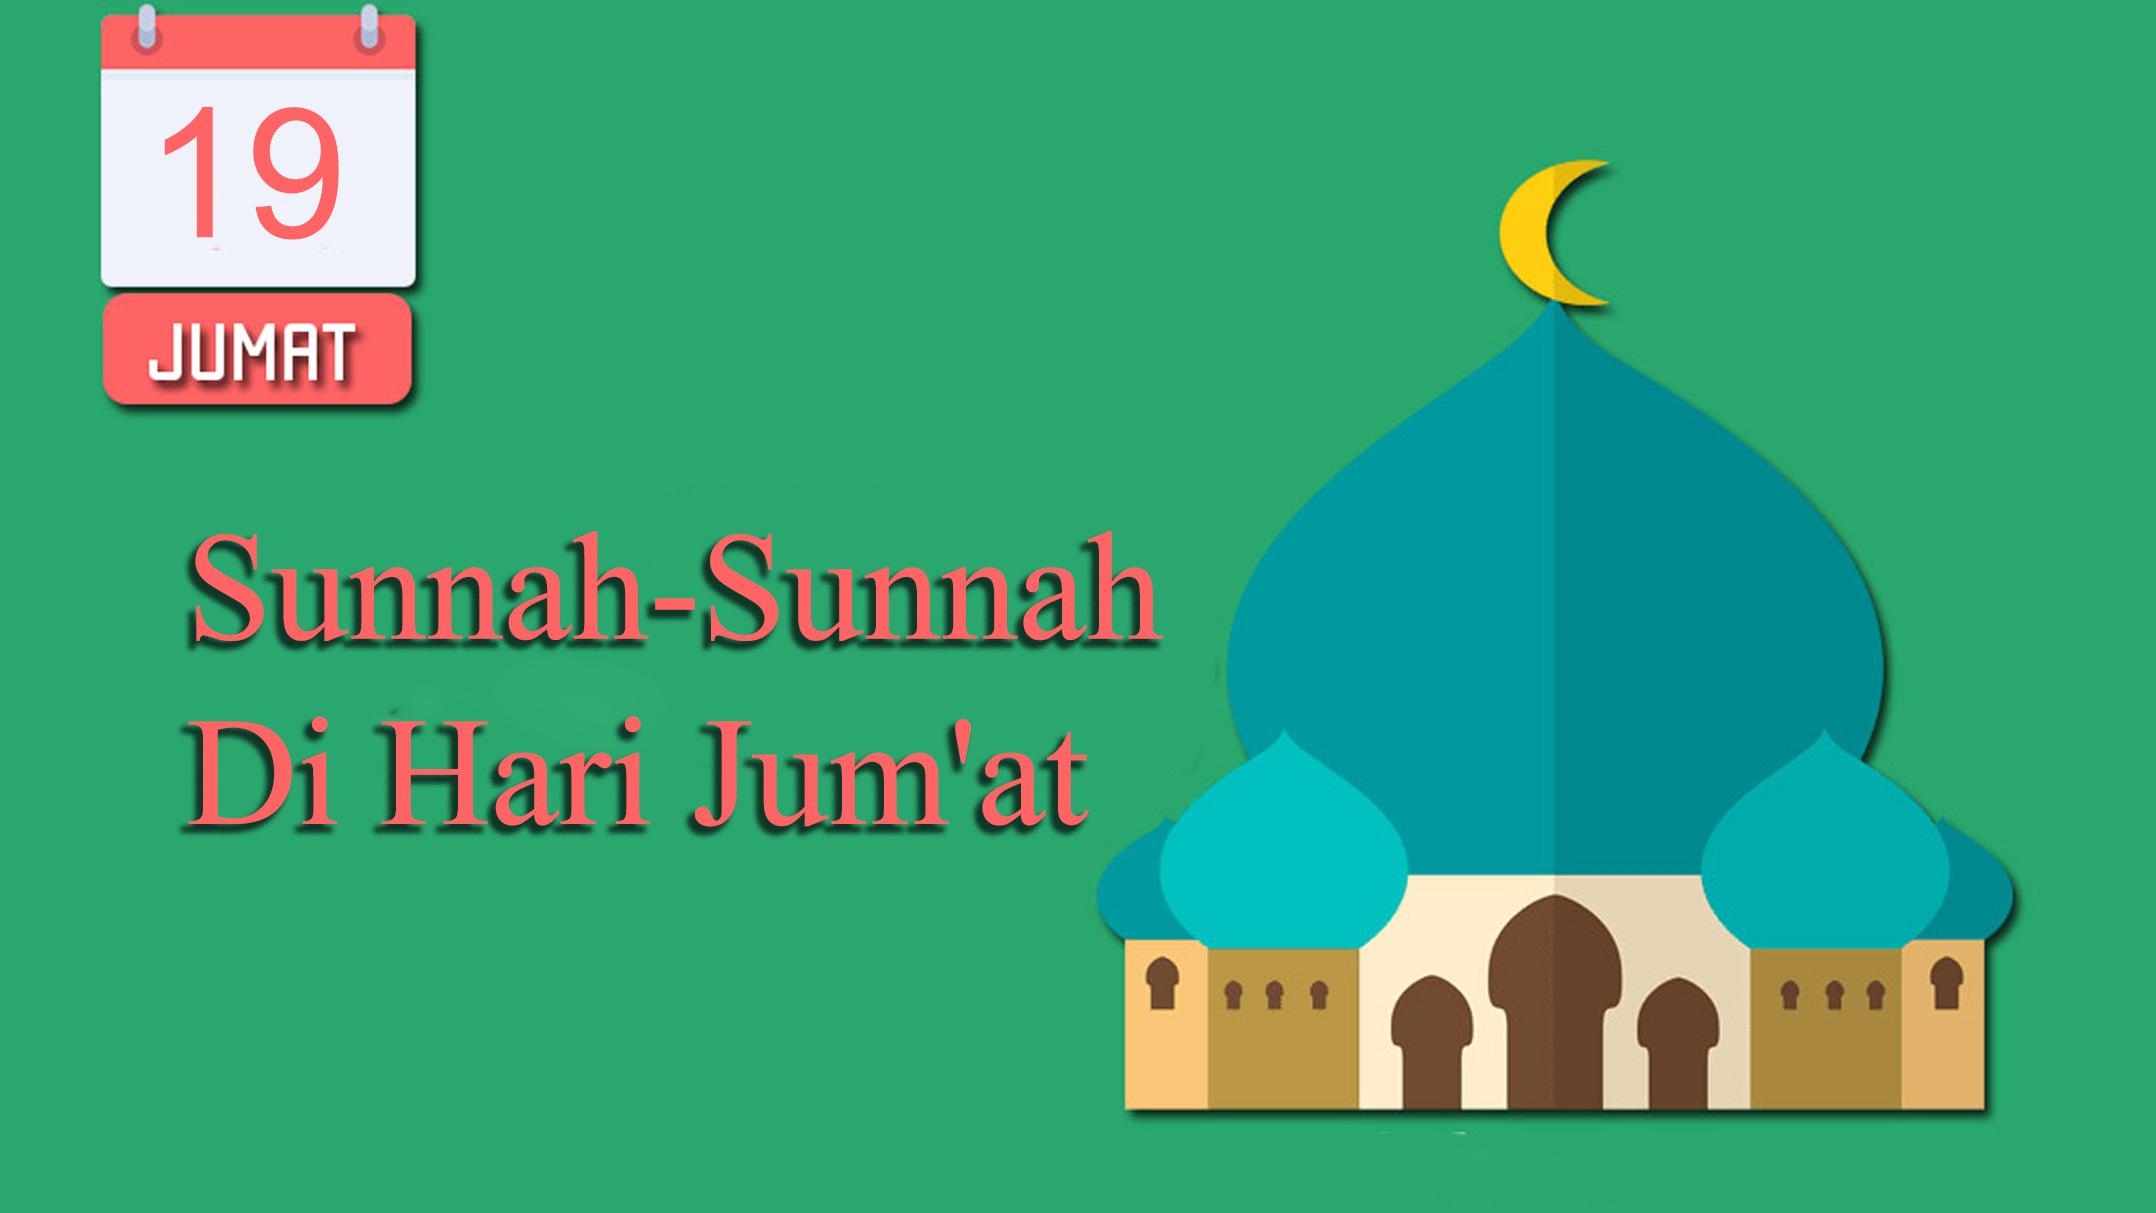 Sunnah-Sunnah Di Hari Jum'at